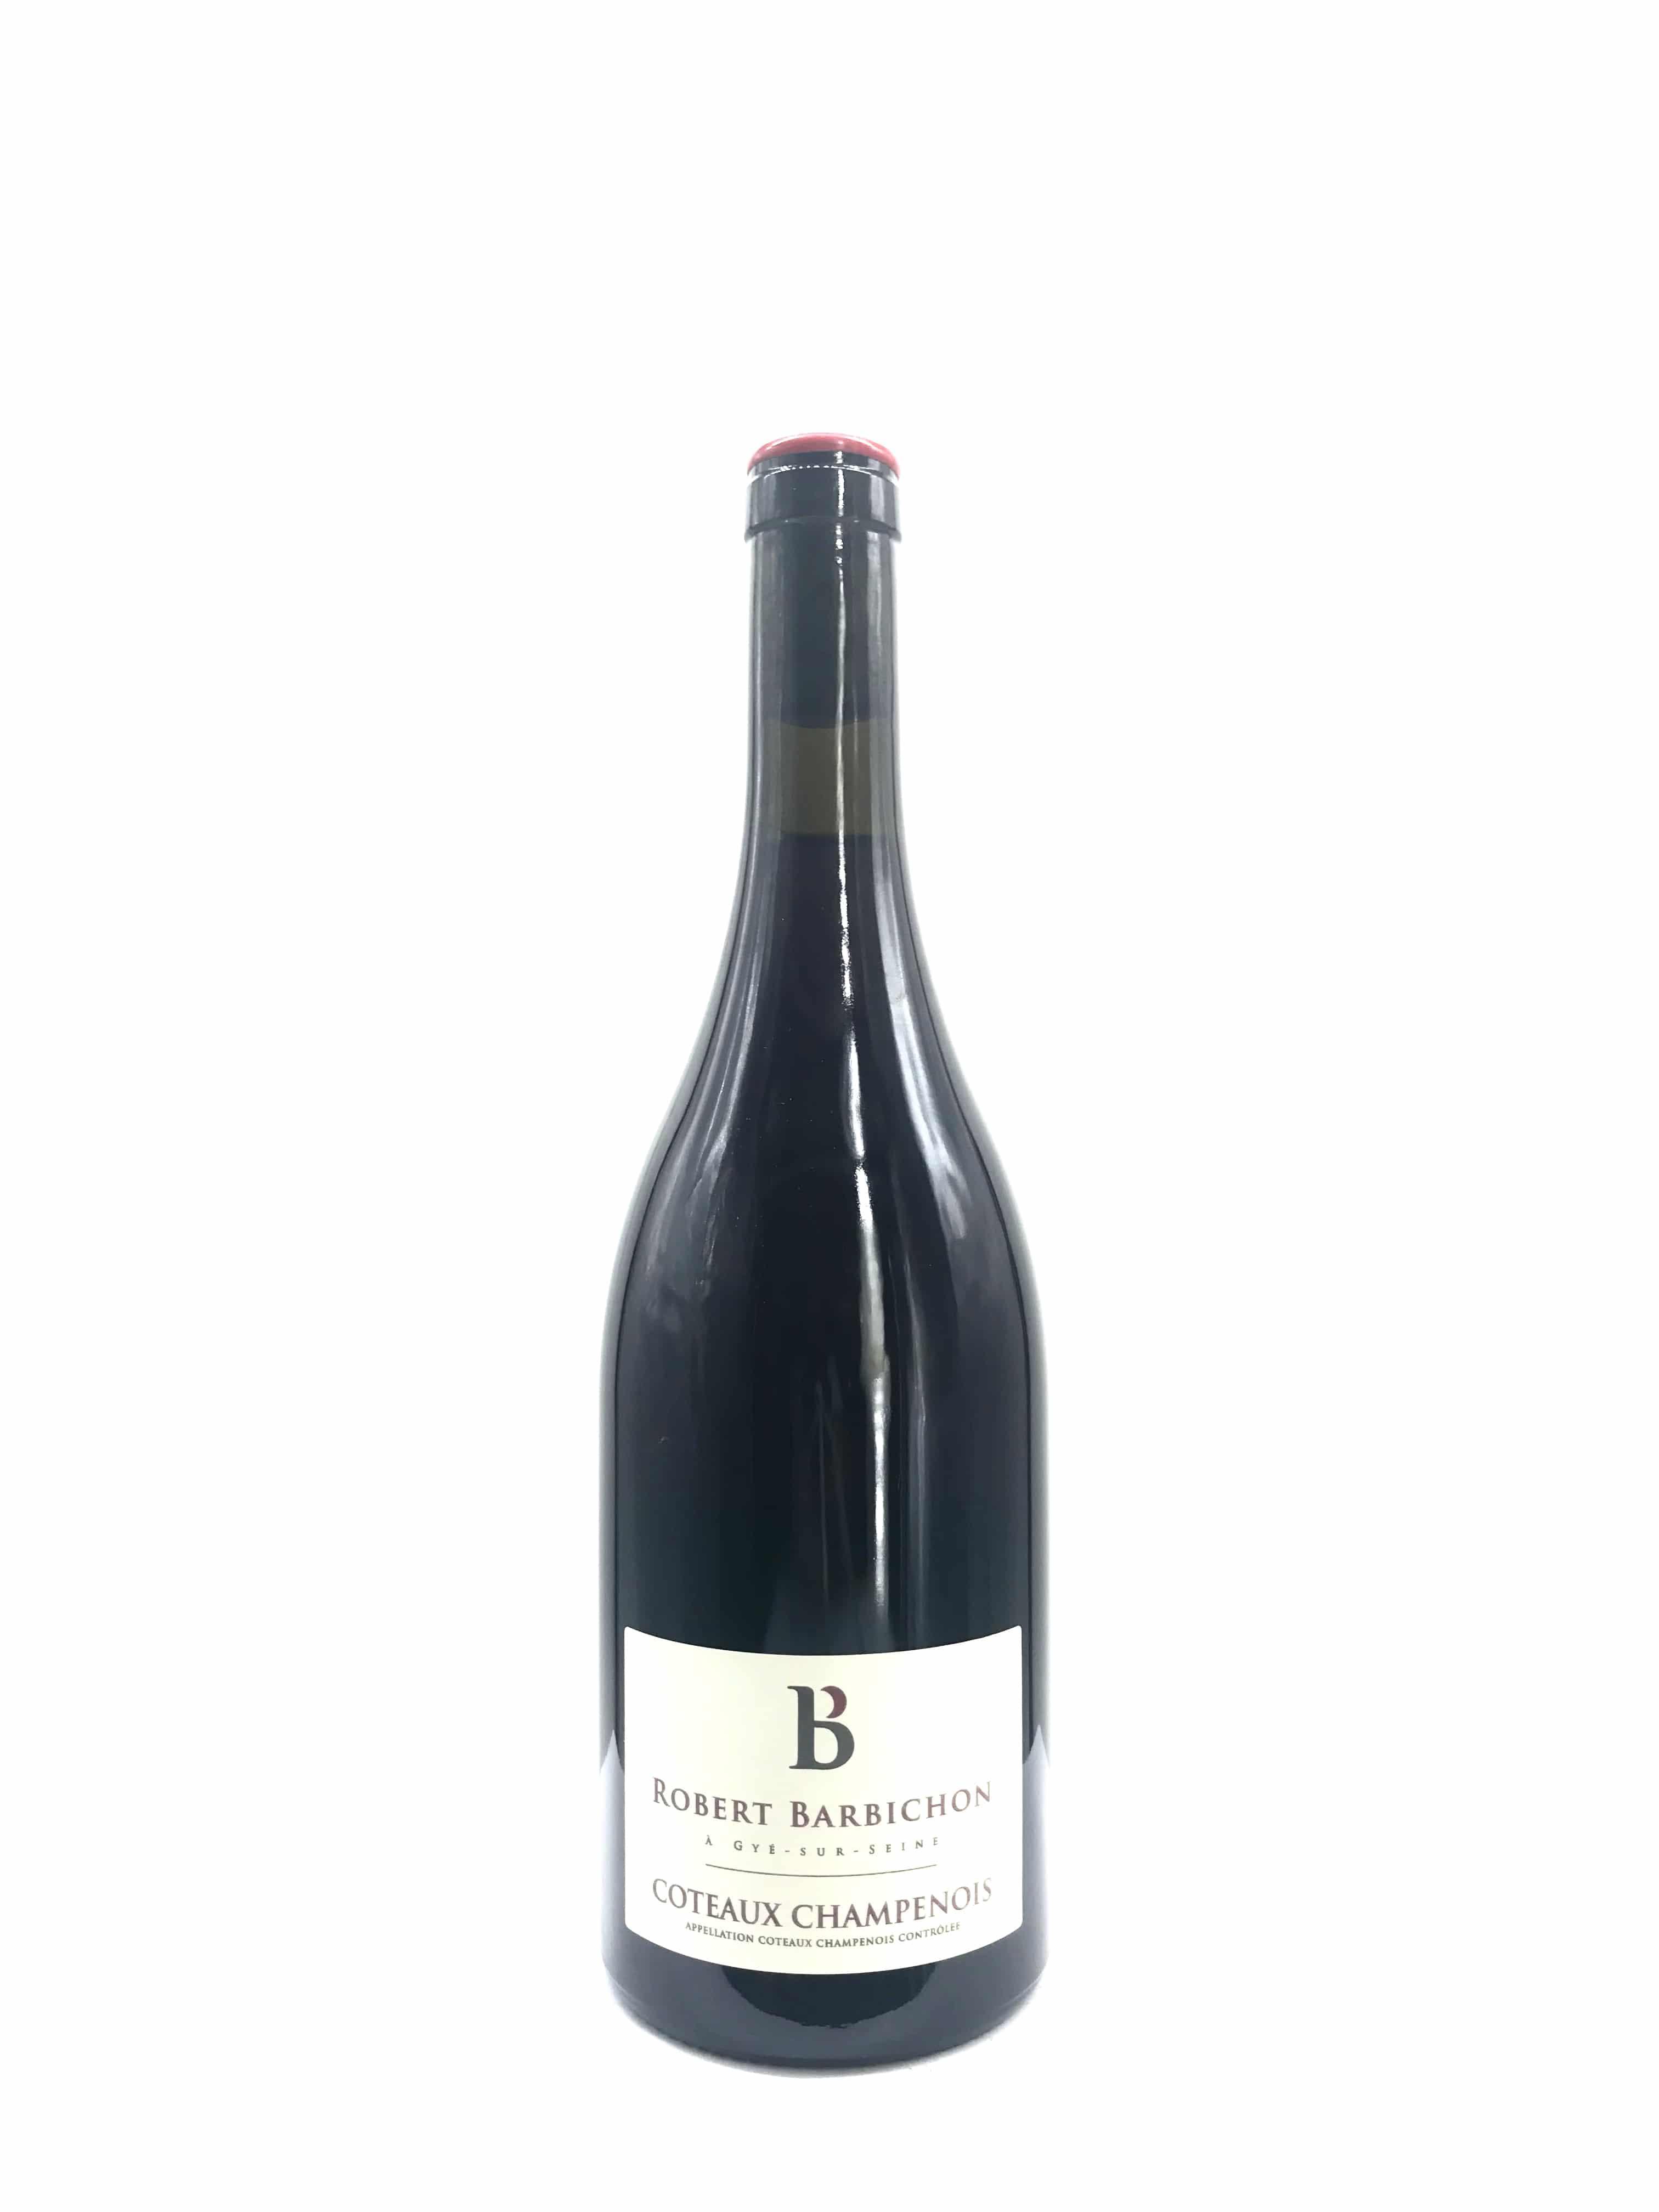 Champagne Robert Barbichon Coteaux Champenois